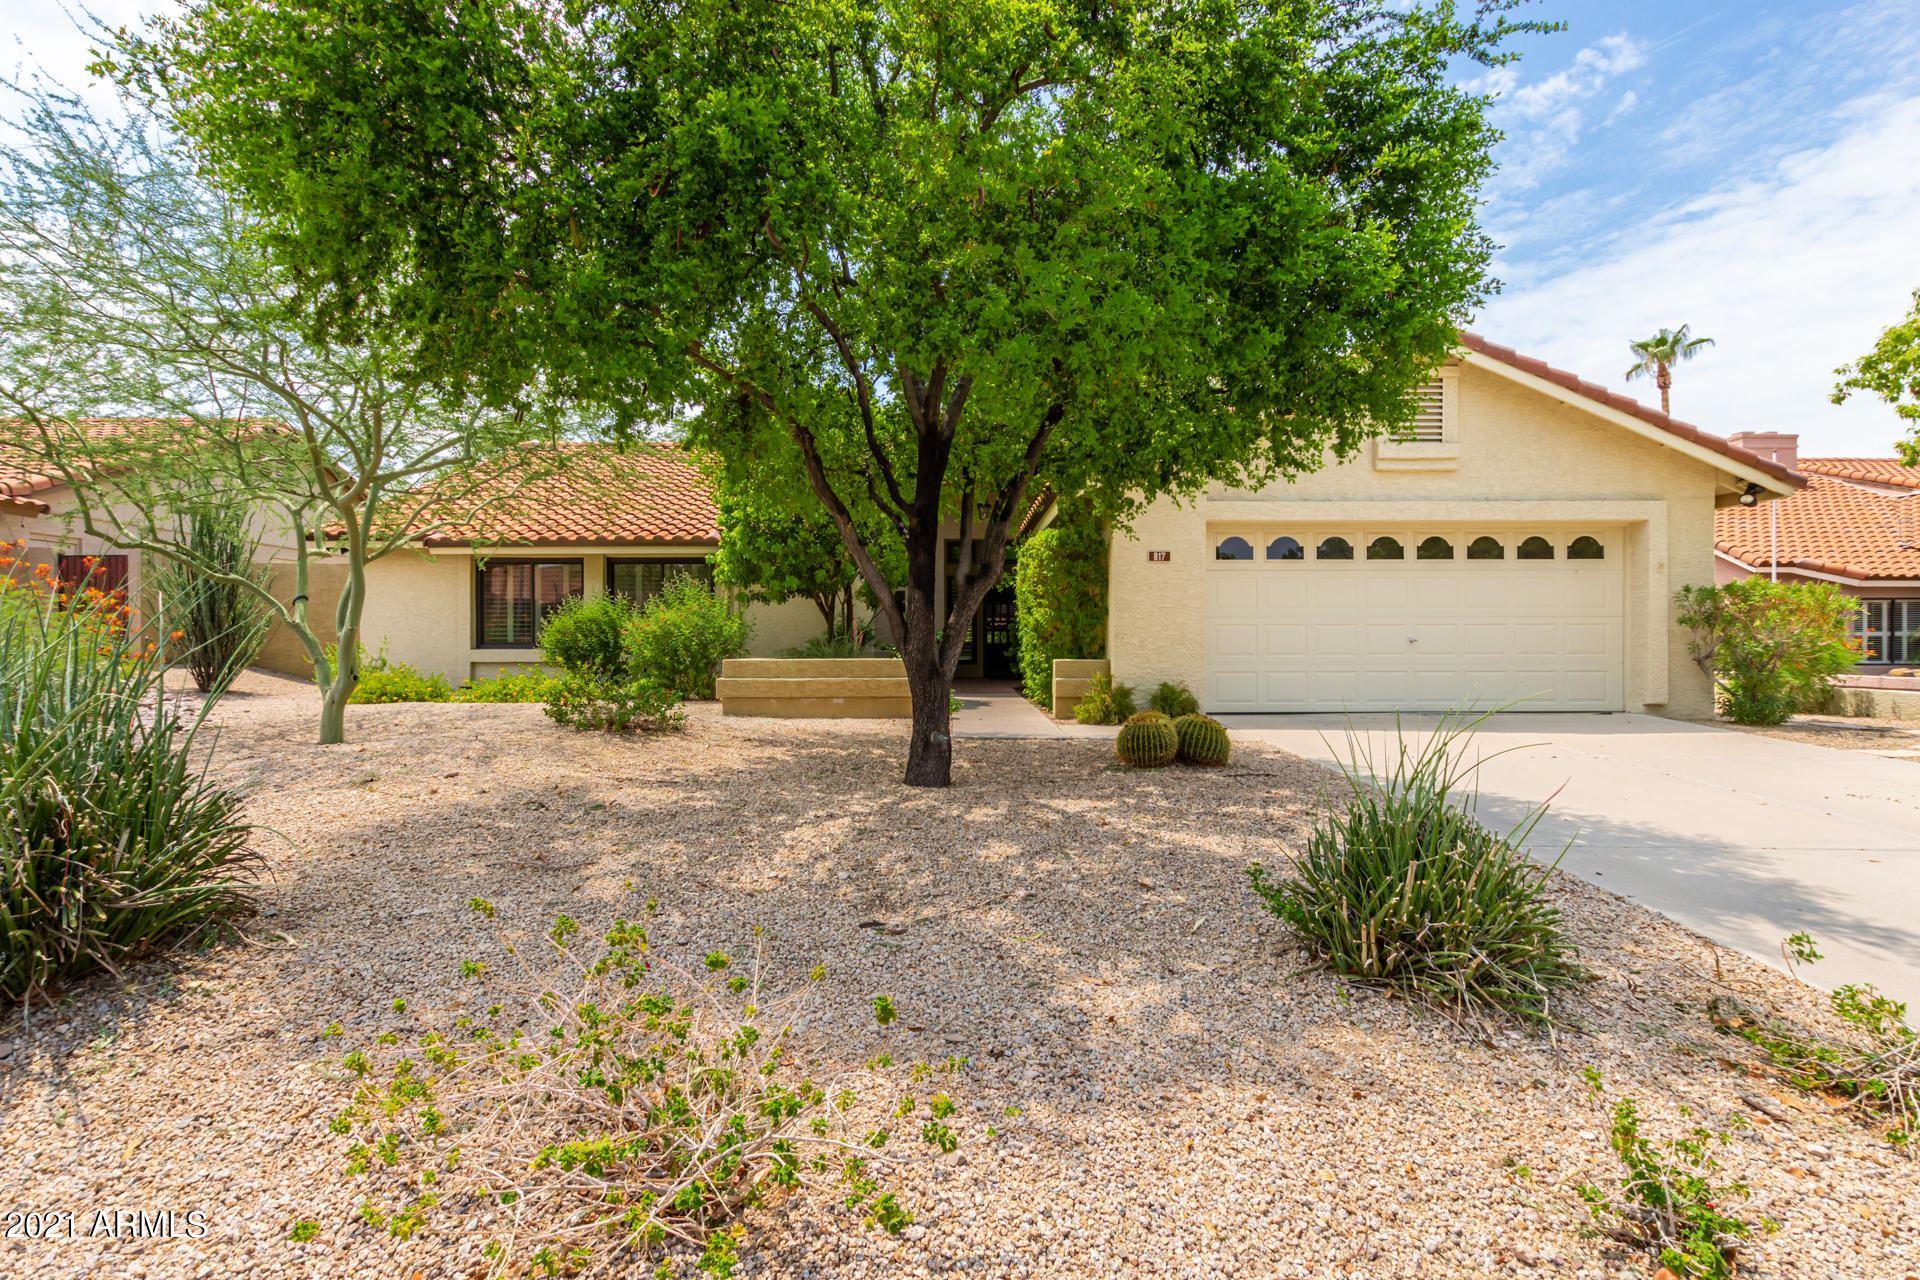 817 E MEADOW Lane, Phoenix, AZ 85022 - MLS#: 6268277